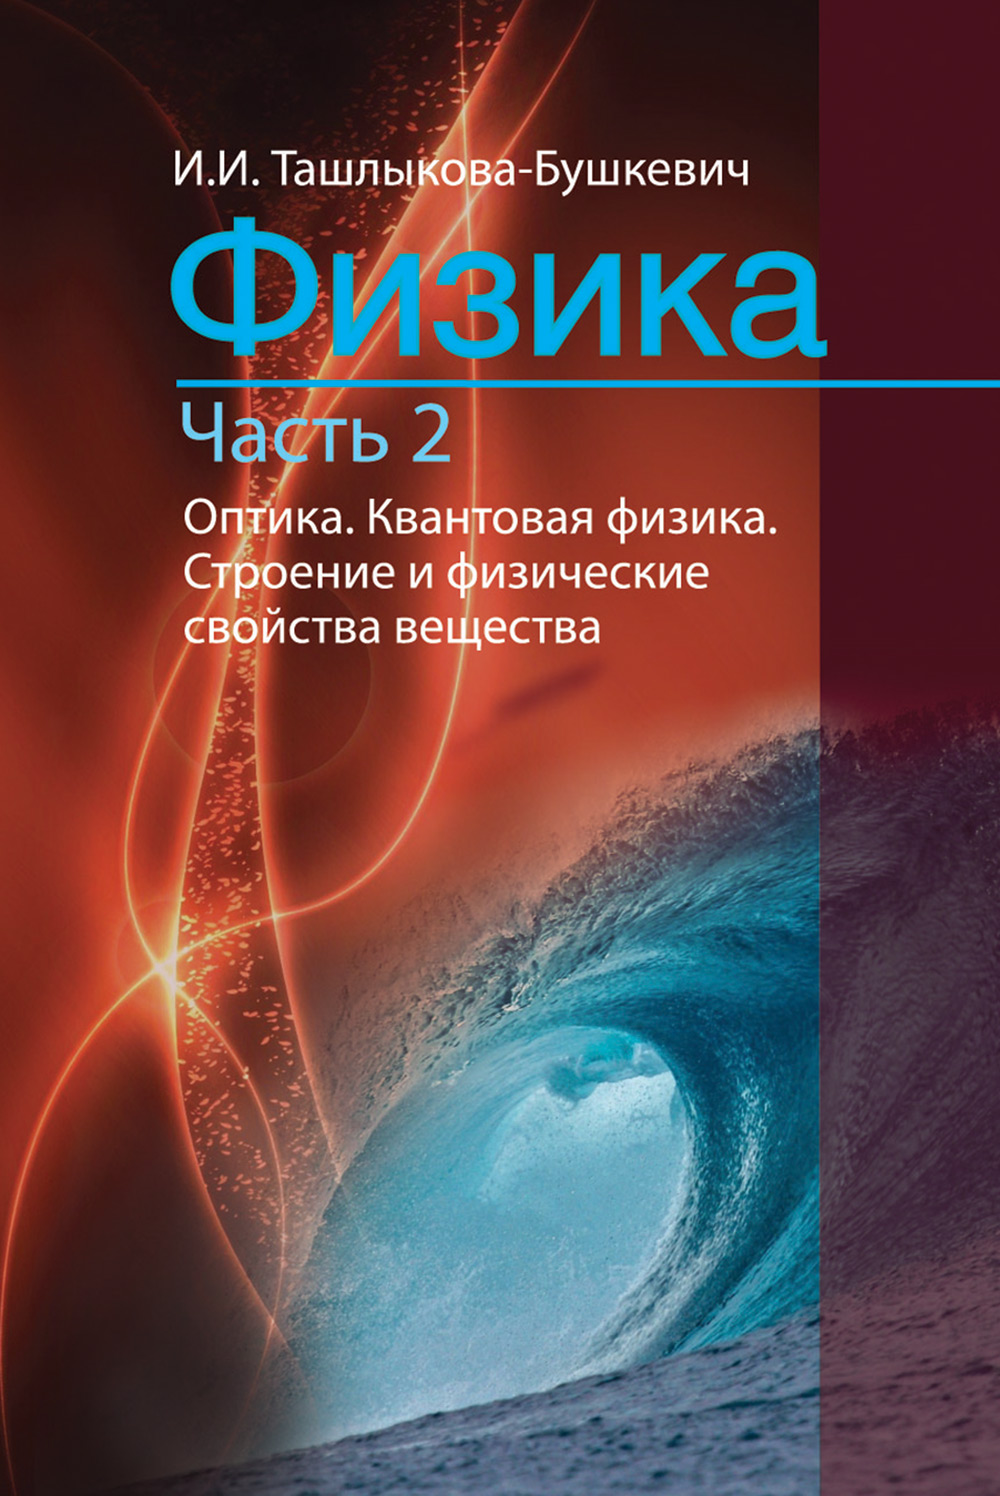 Ия Ташлыкова-Бушкевич Физика. Часть 2. Оптика. Квантовая физика. Строение и физические свойства вещества николай делоне квантовая природа вещества